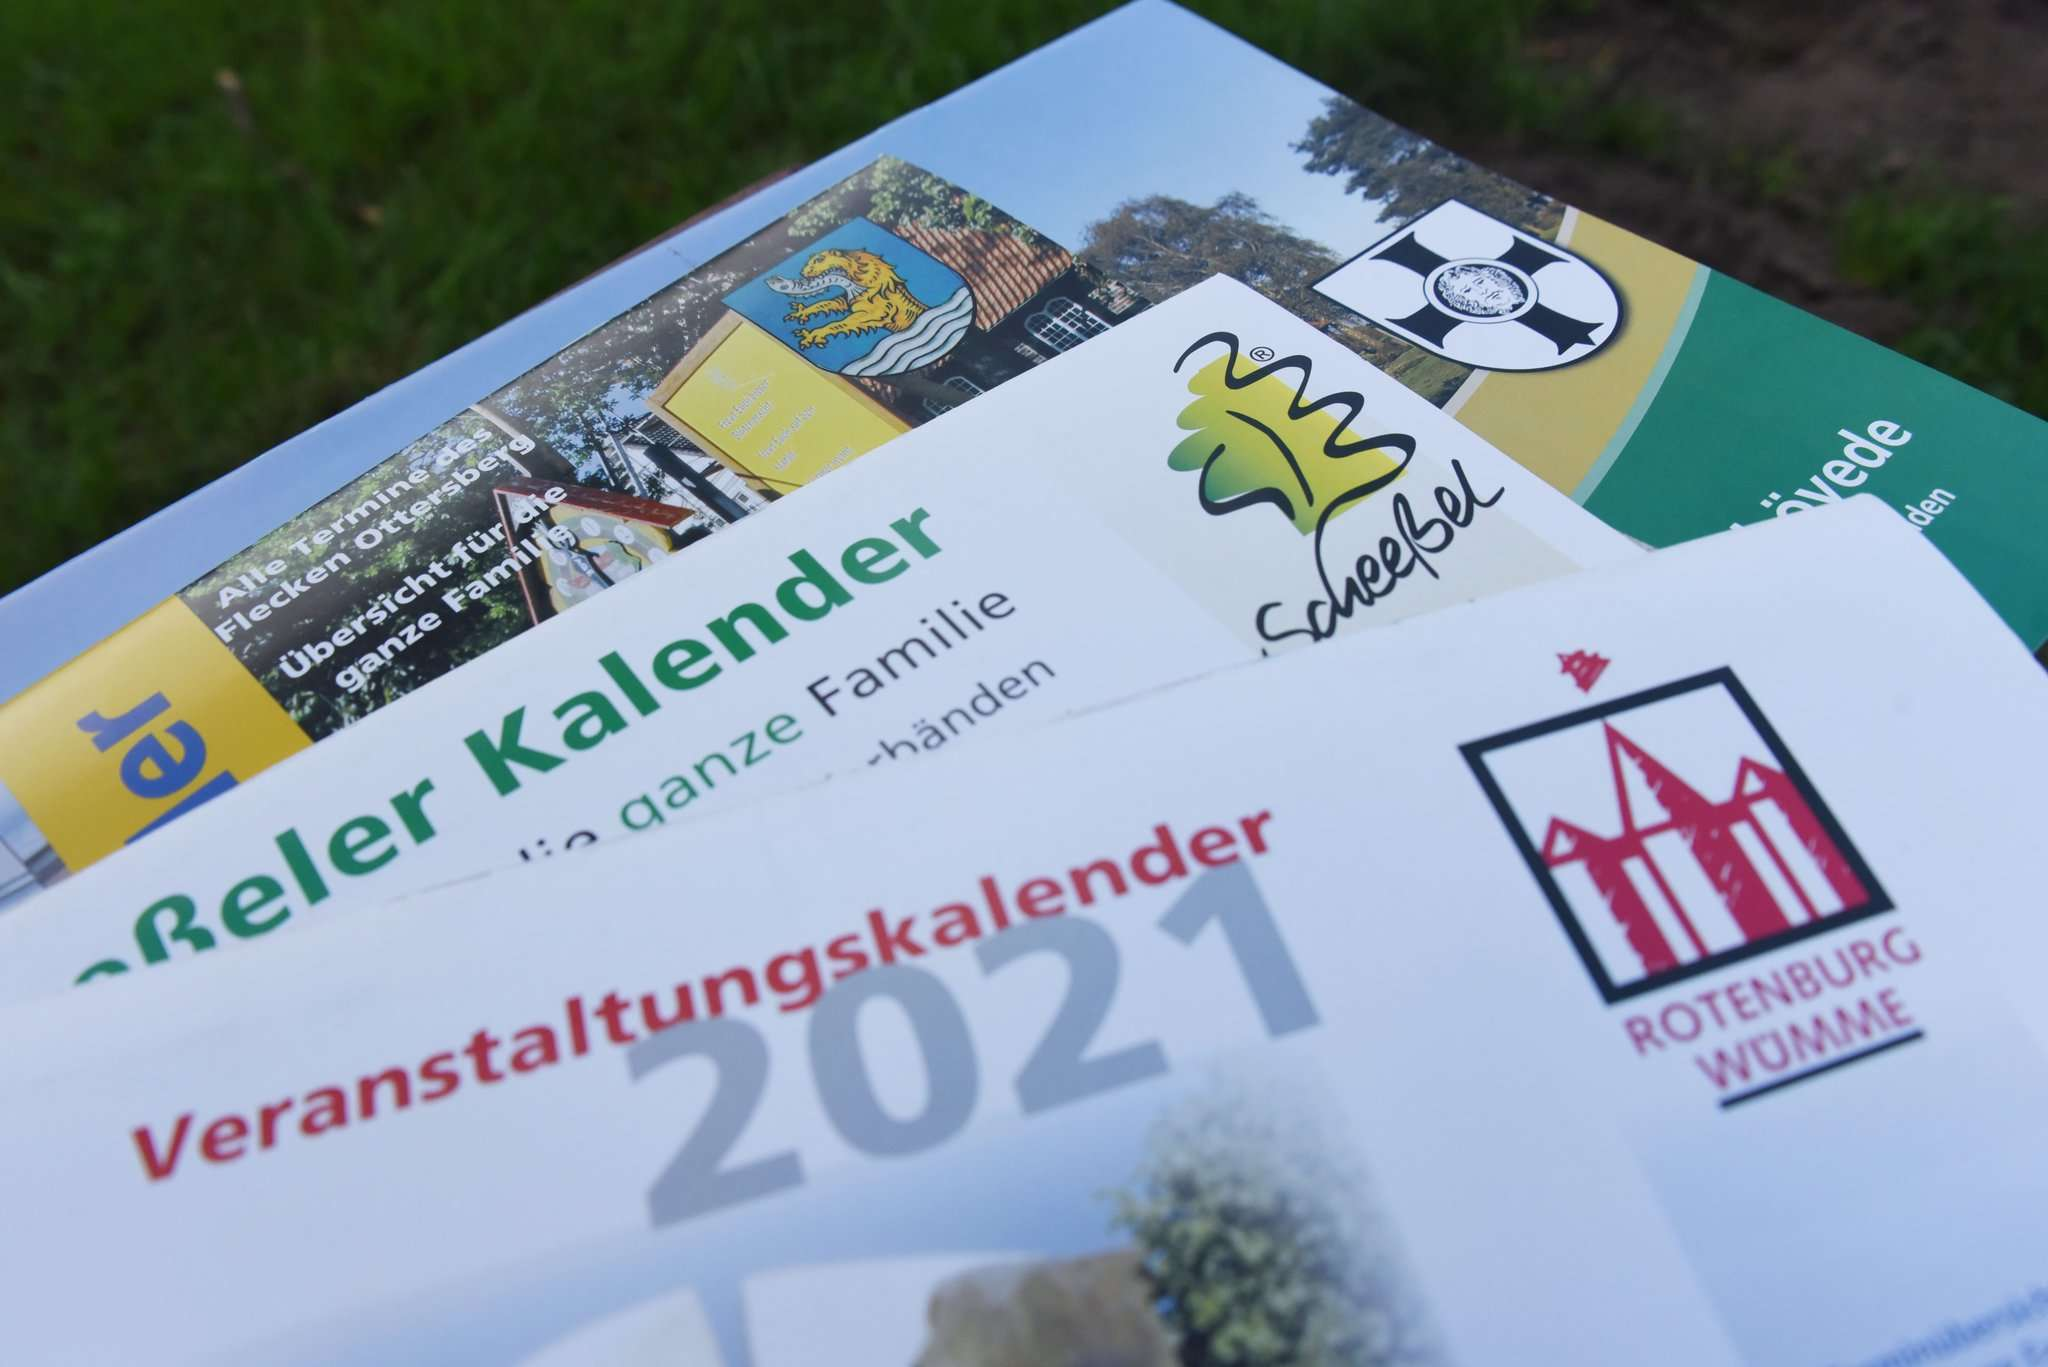 Verbände und Vereine, die noch Termine zu den Familienkalendern beisteuern wollen, sollten sich bis zum 30. Oktober melden. Foto: Schultz